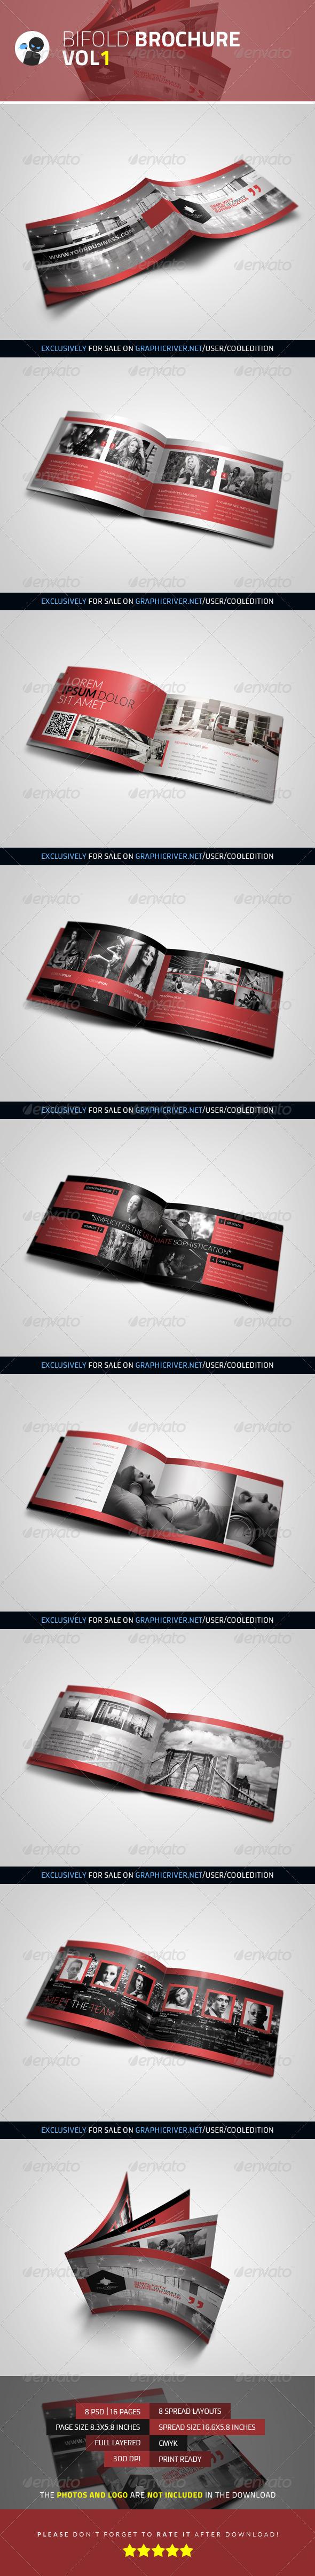 GraphicRiver Bifold Brochure VOL1 3439249